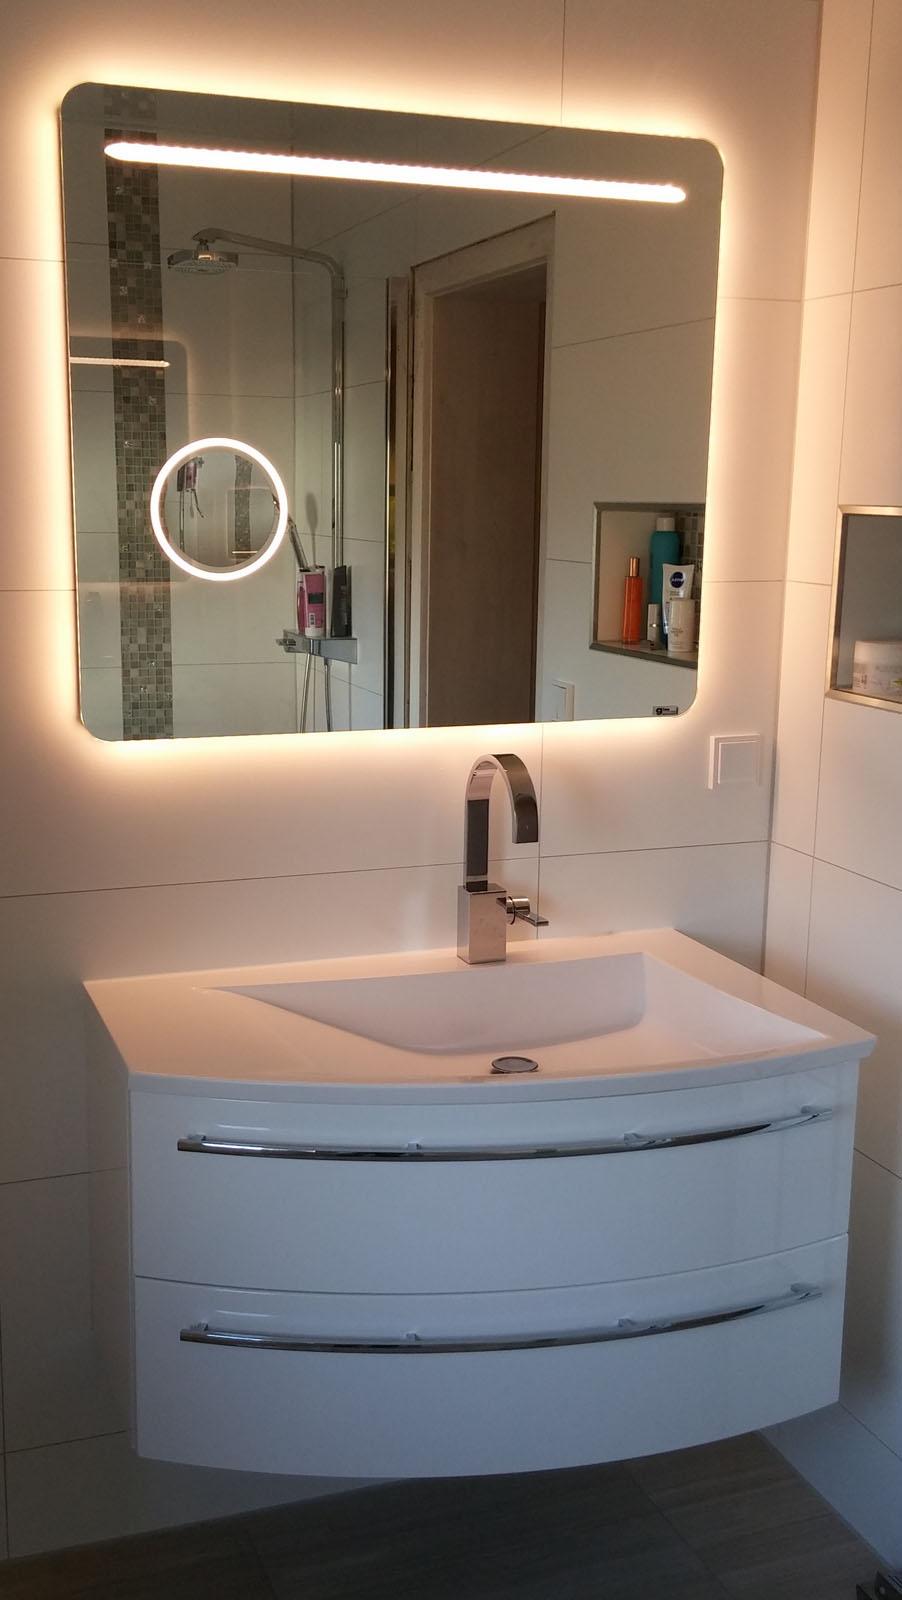 Spiegel mit Ambientebeleuchtung, Lichtstreifen und Kosmetikspiegel